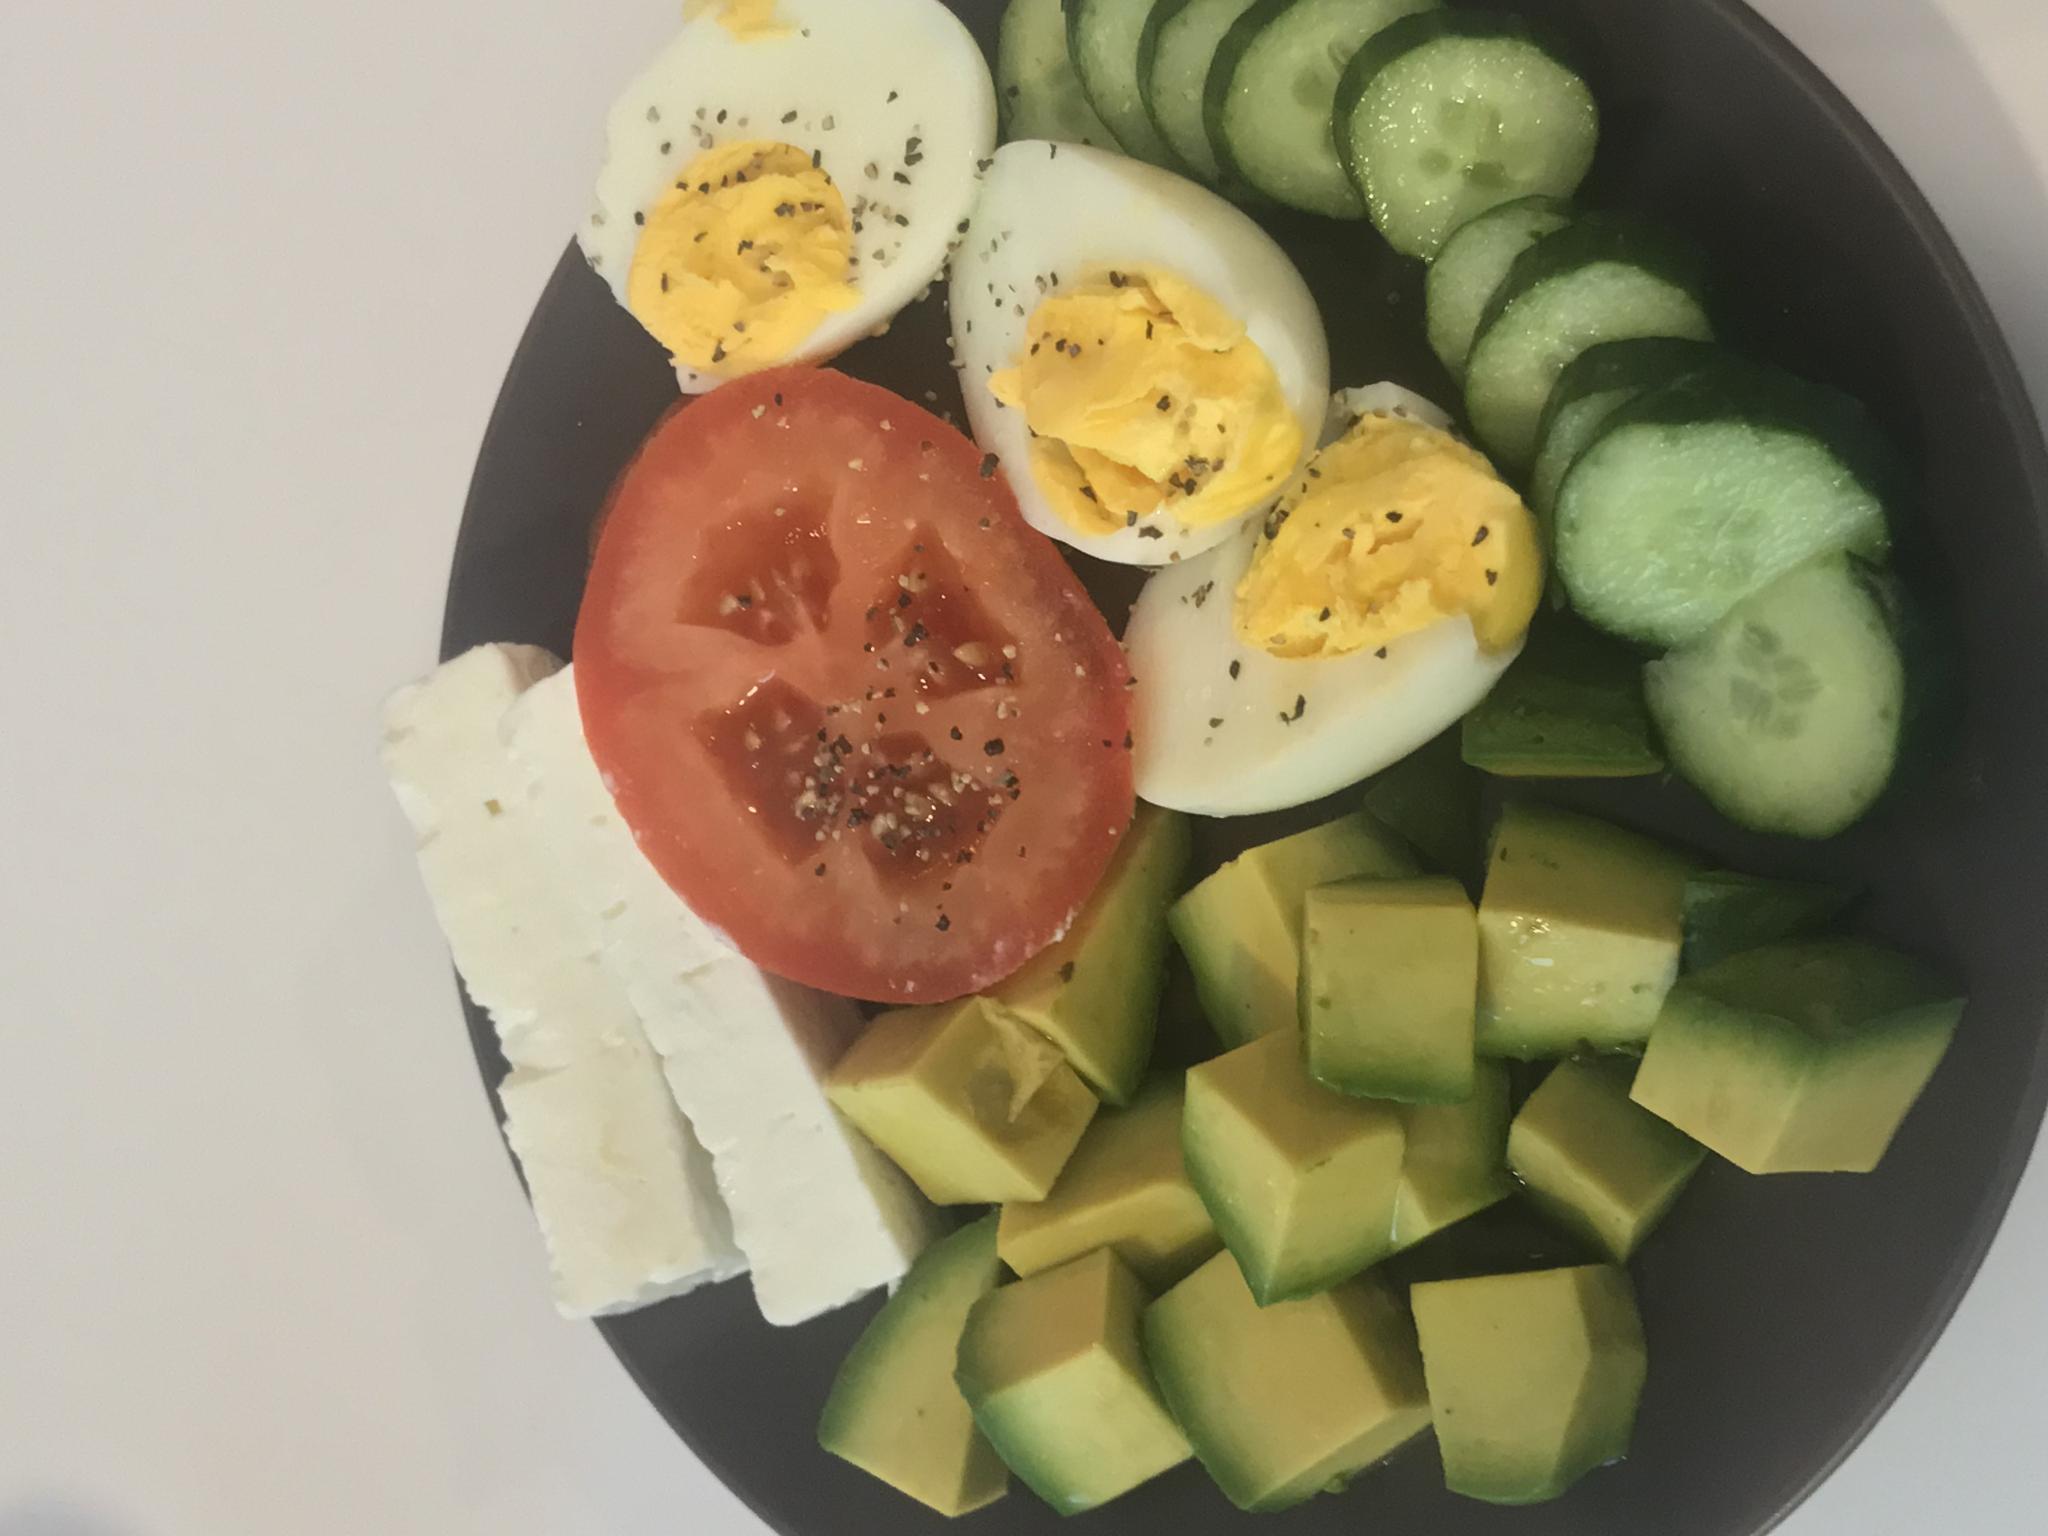 Breakfast-1a2fa675-35c0-4b0f-8bc3-db30ef1d6986-jpg